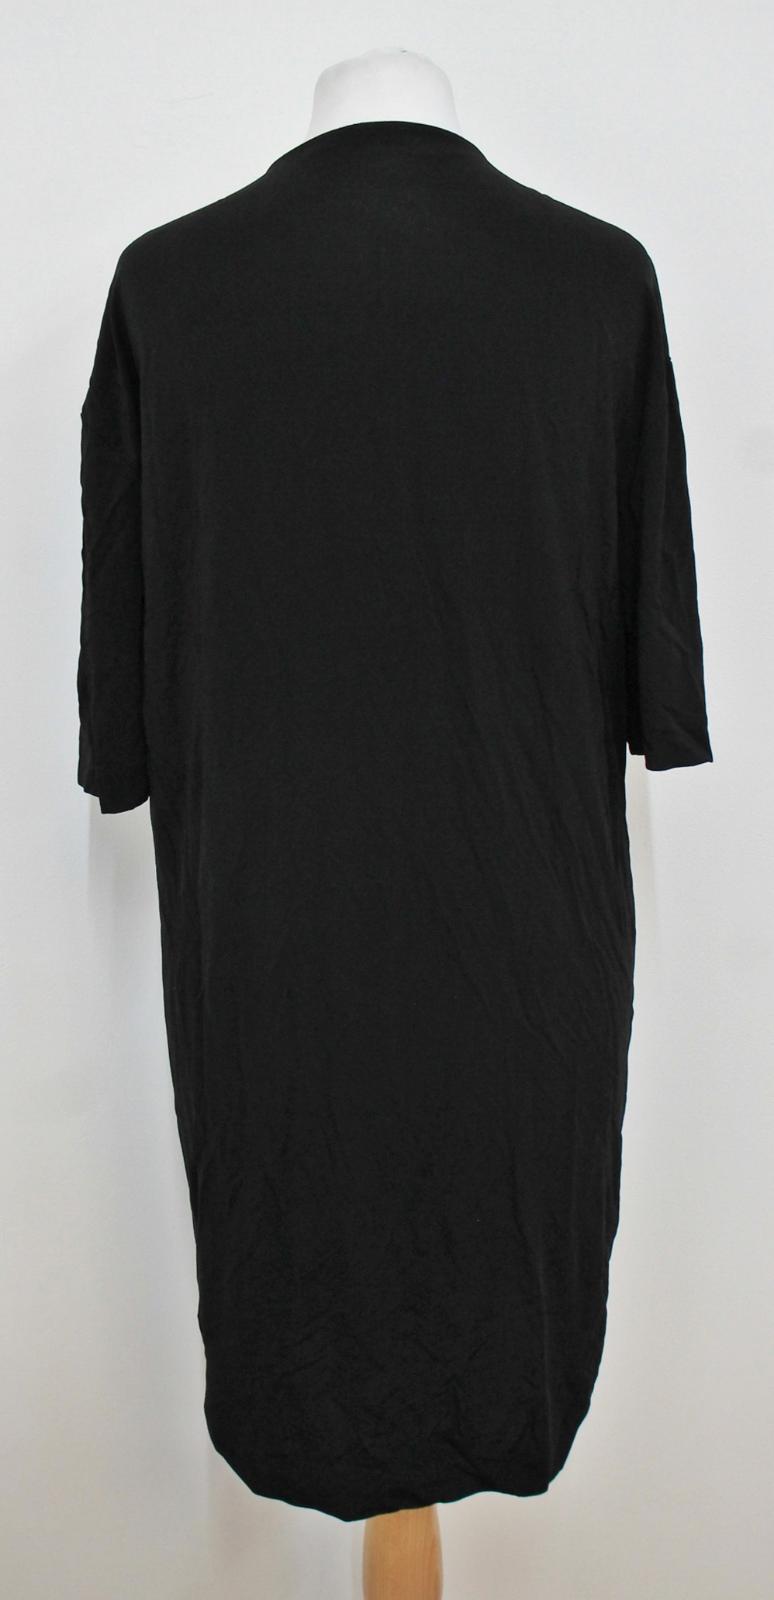 COS-Senoras-Negras-de-manga-corta-escote-V-con-cremallera-frontal-Cambio-Vestido-Talla-XS miniatura 4